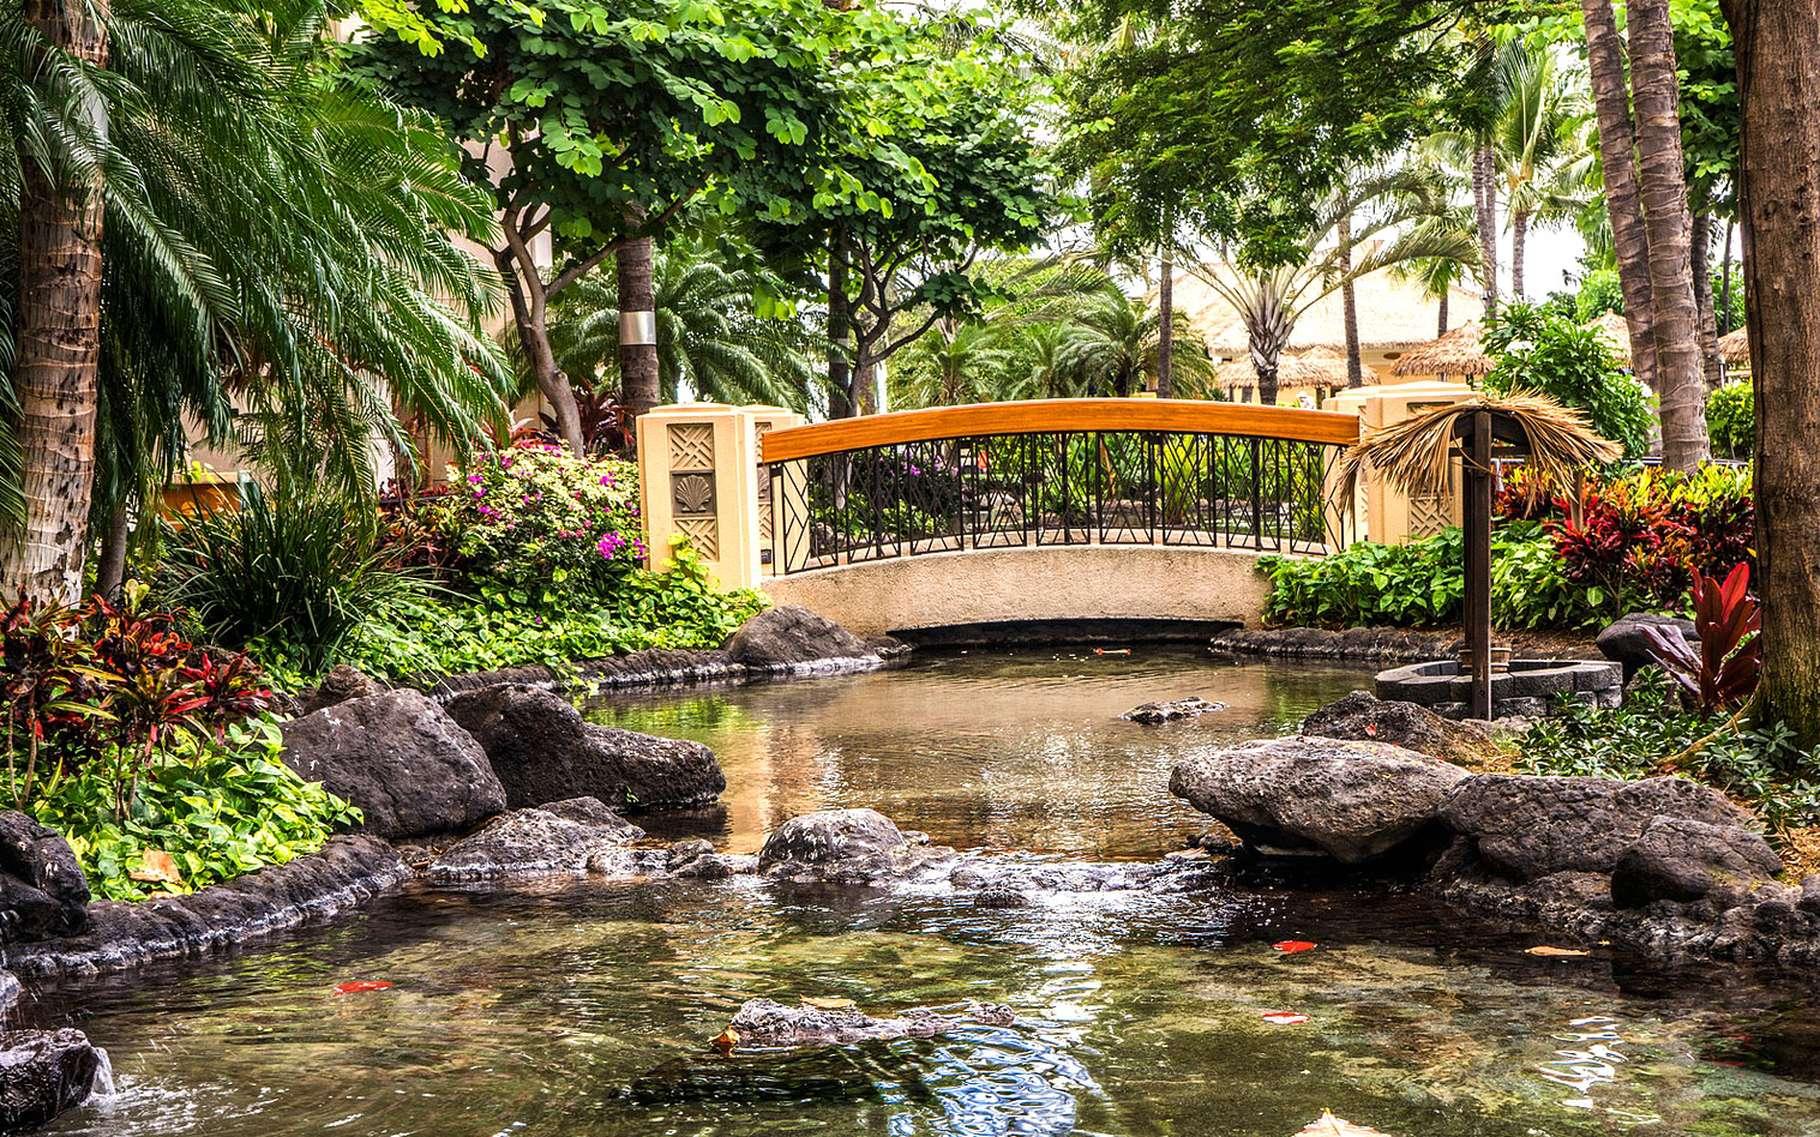 Construire Son Bassin De Jardin pompe et filtre de bassin de jardin, le matériel adapté